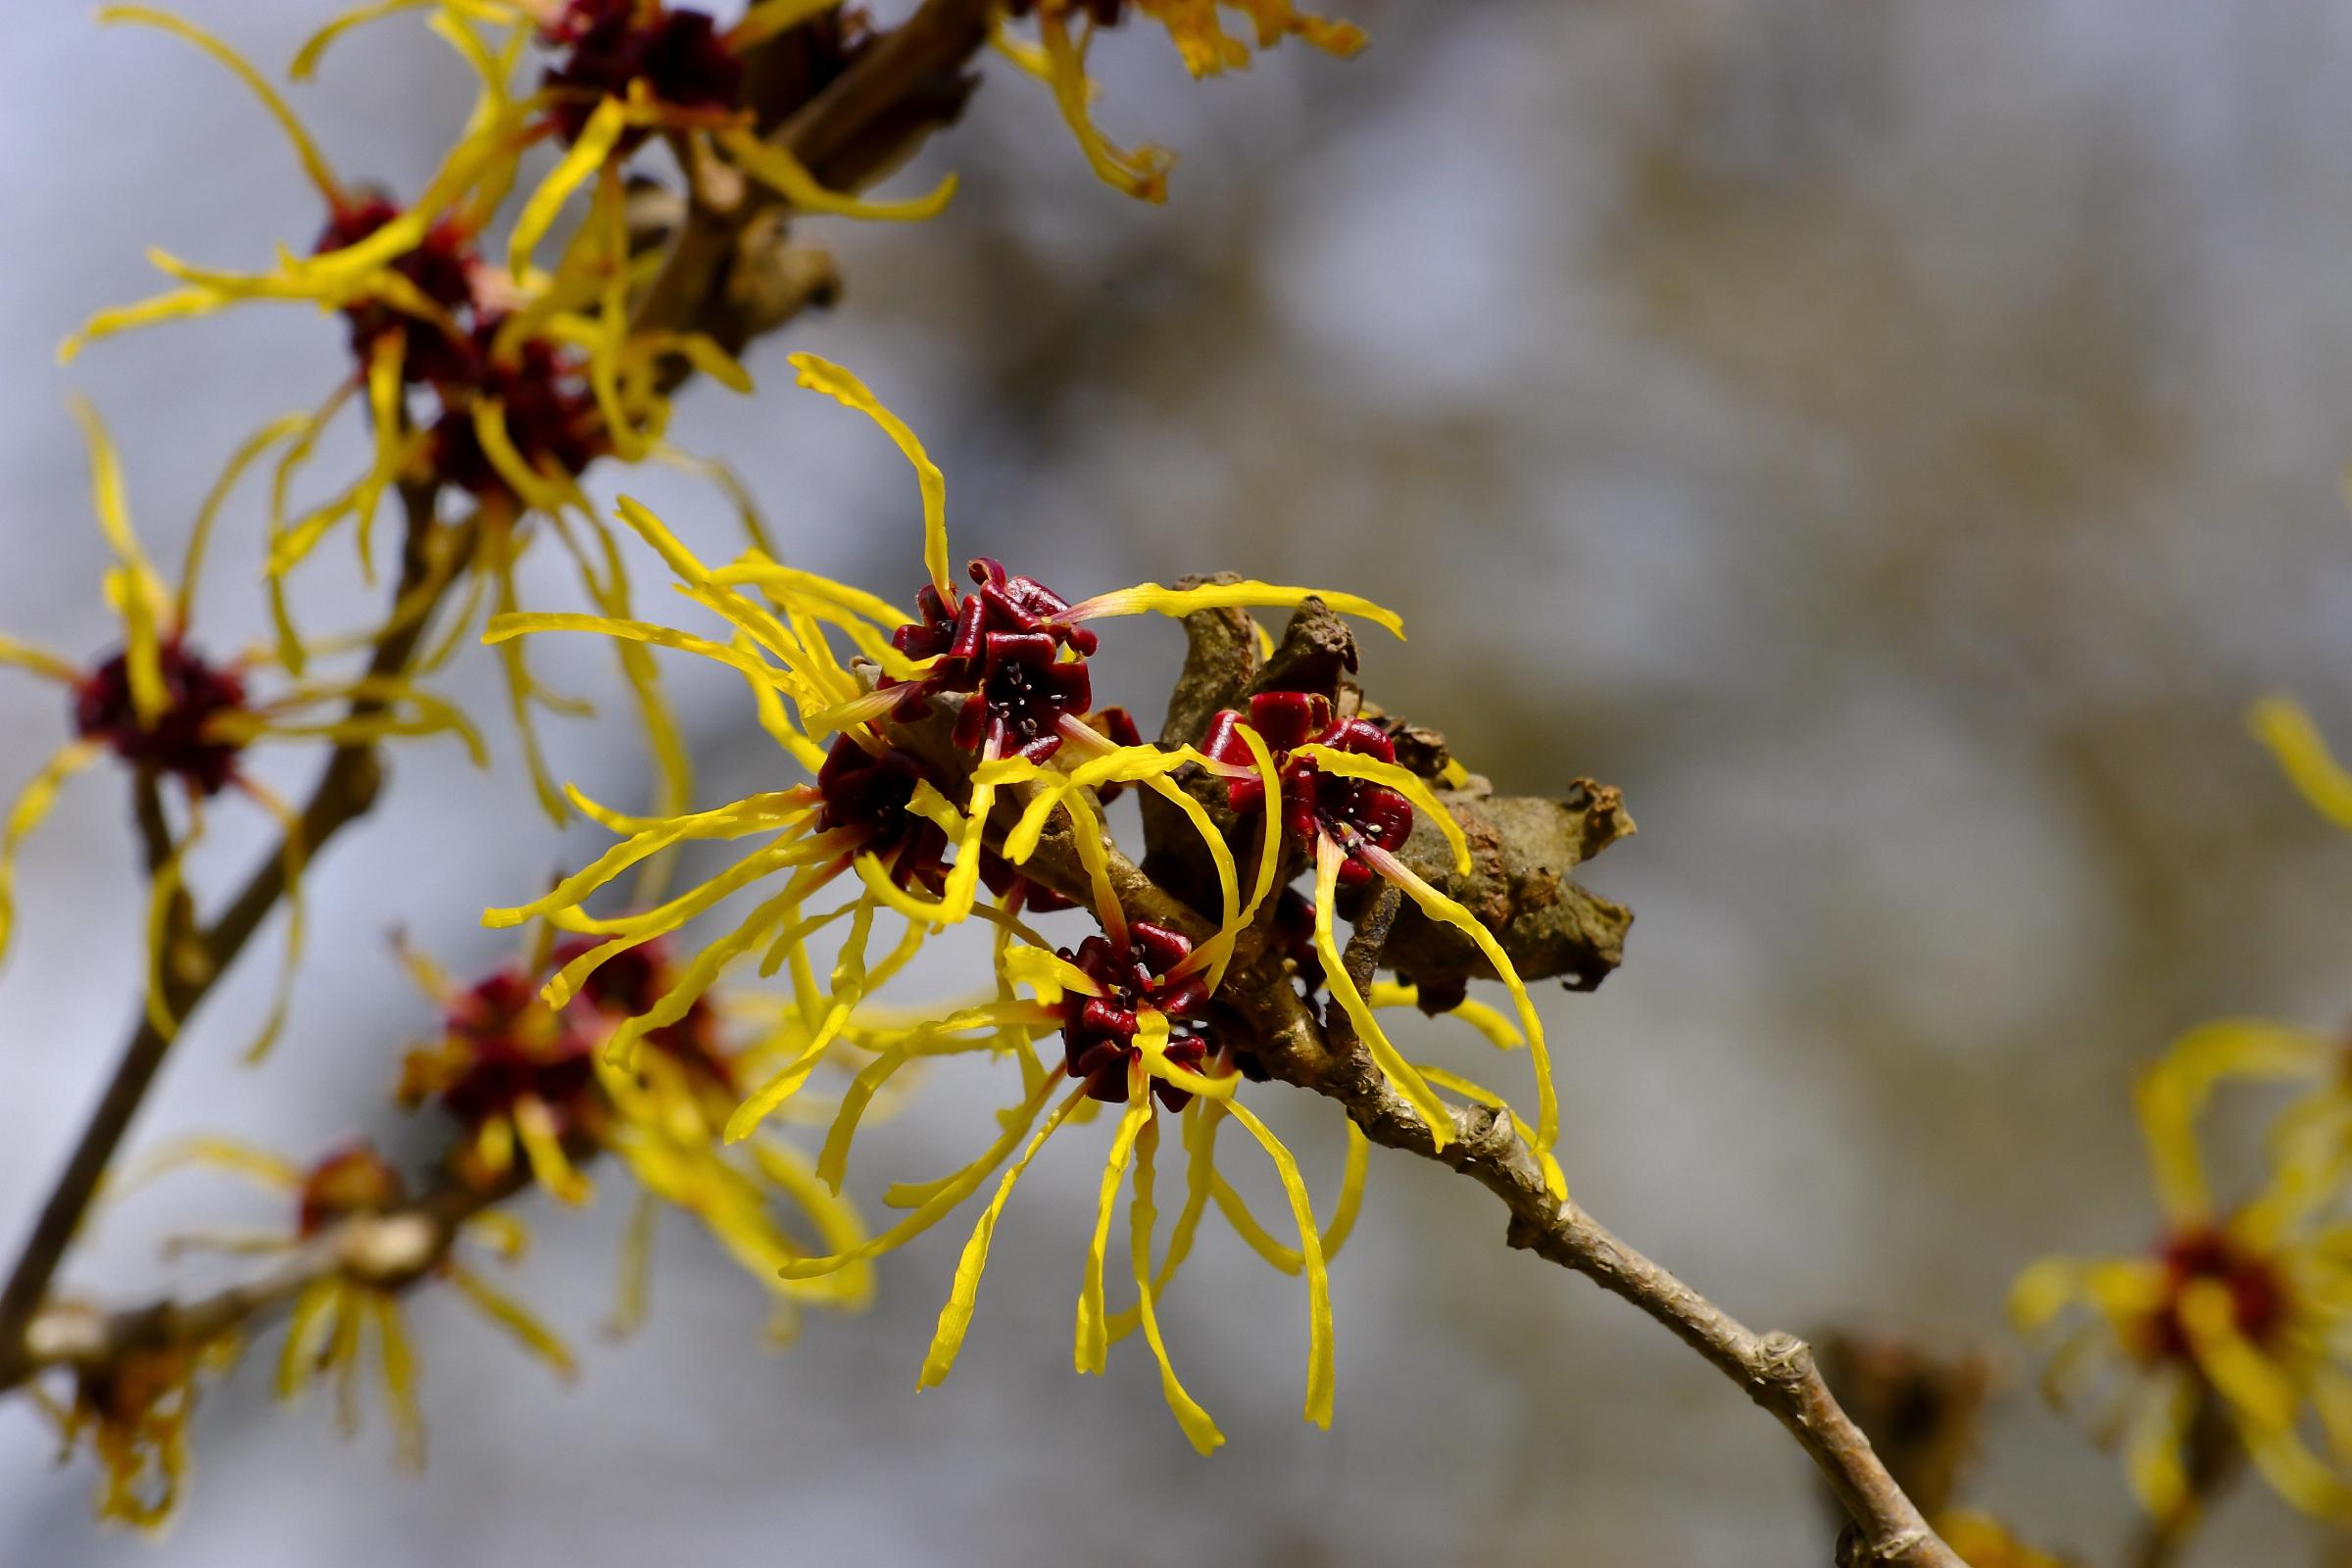 עץ הממליס מוליס